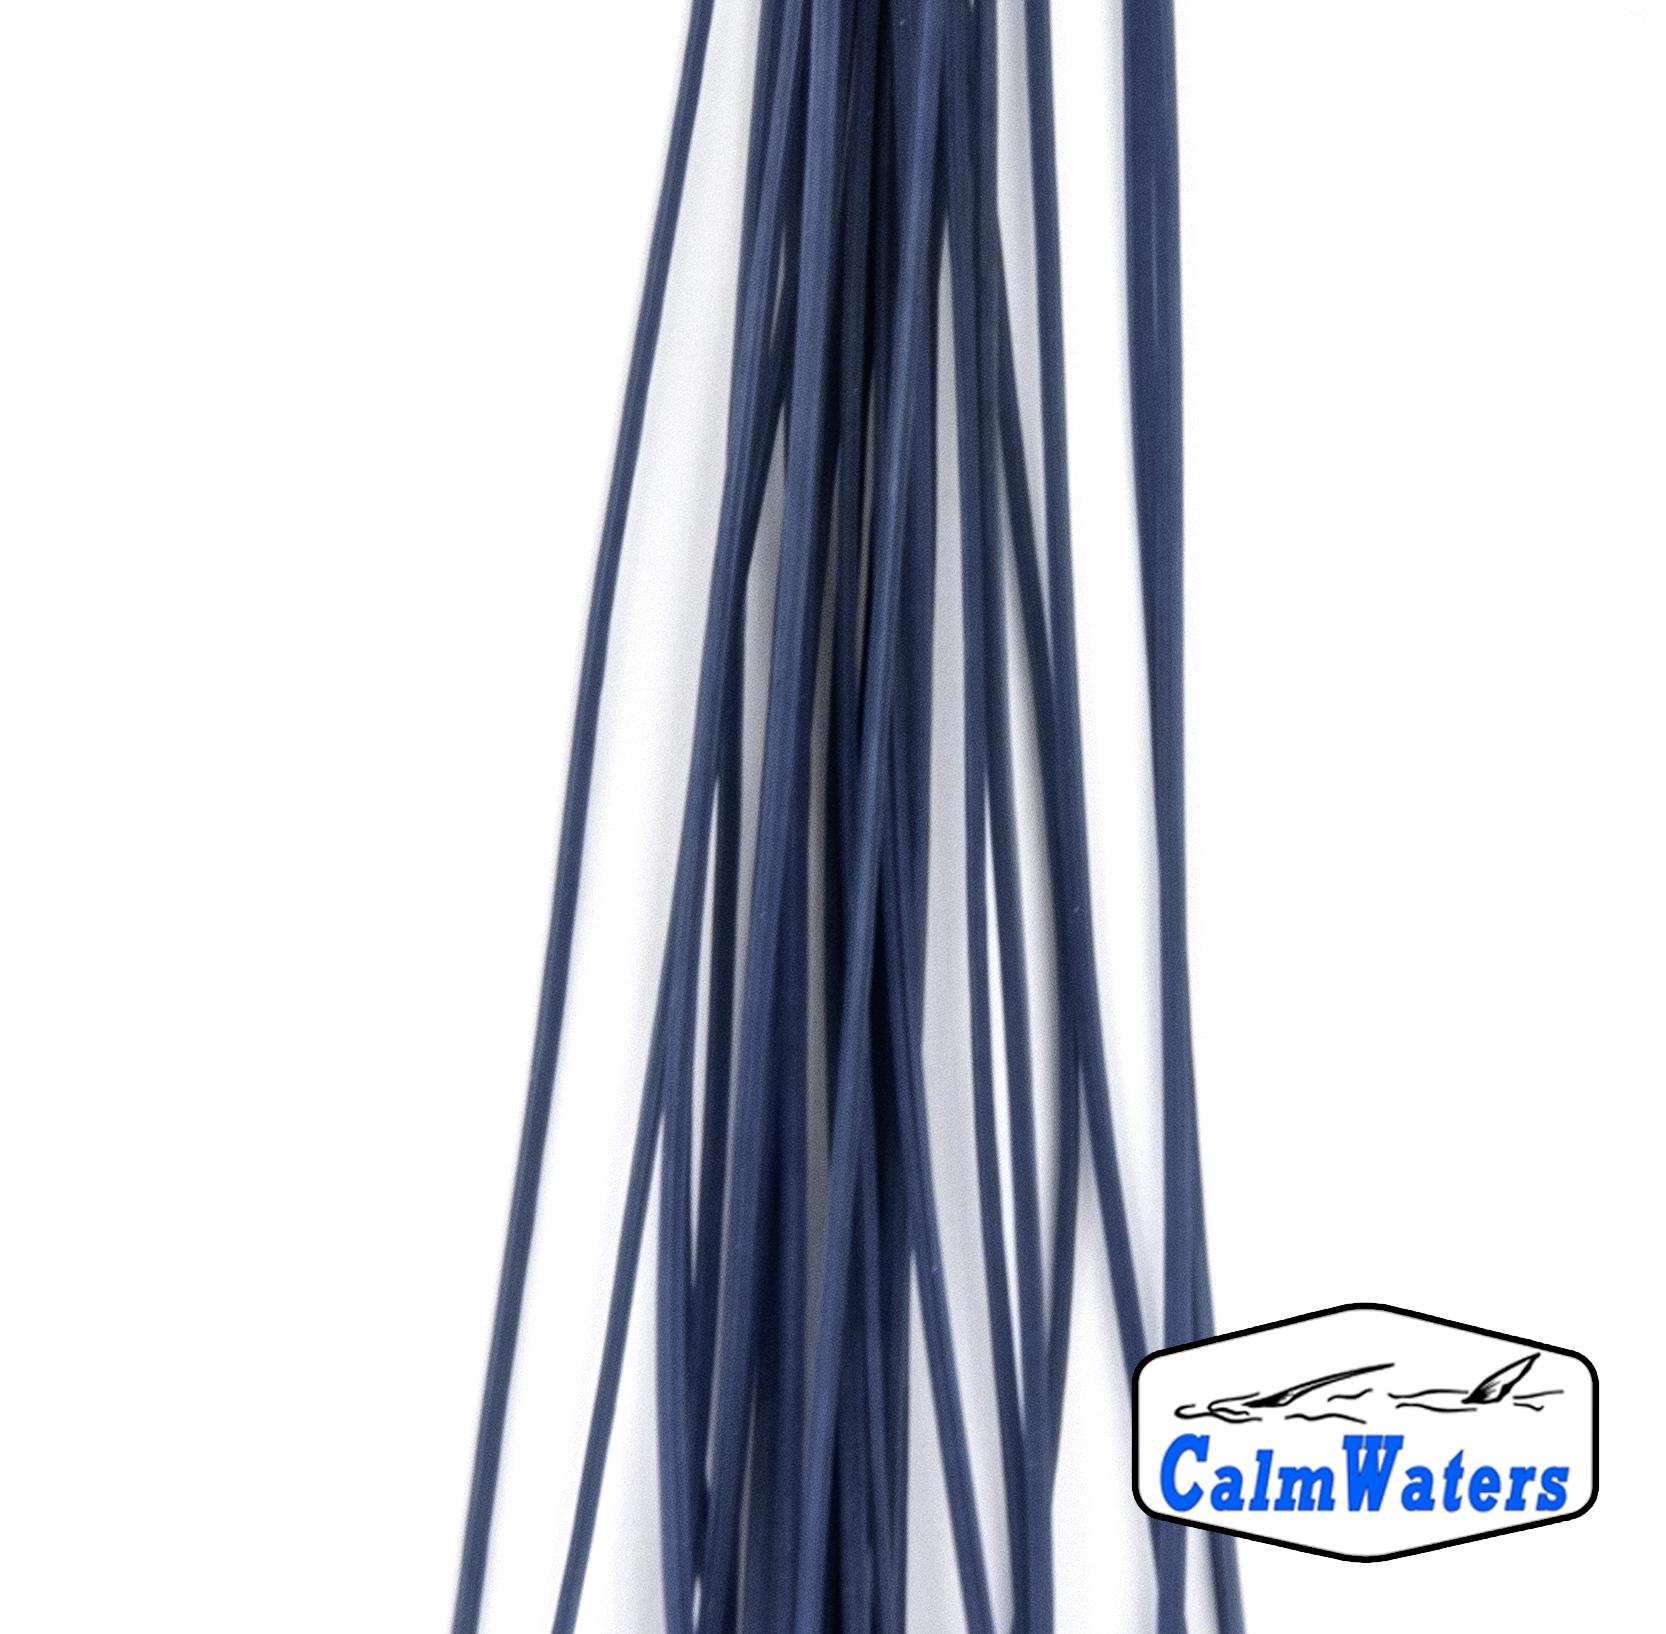 Fibre gommate per dare volume e visibilità al corpo delle imitazioni di chironomo. Ottime per la realizzazione di sacche alari o per dare volume e movimento alle più articolate amettiere per il persico reale.